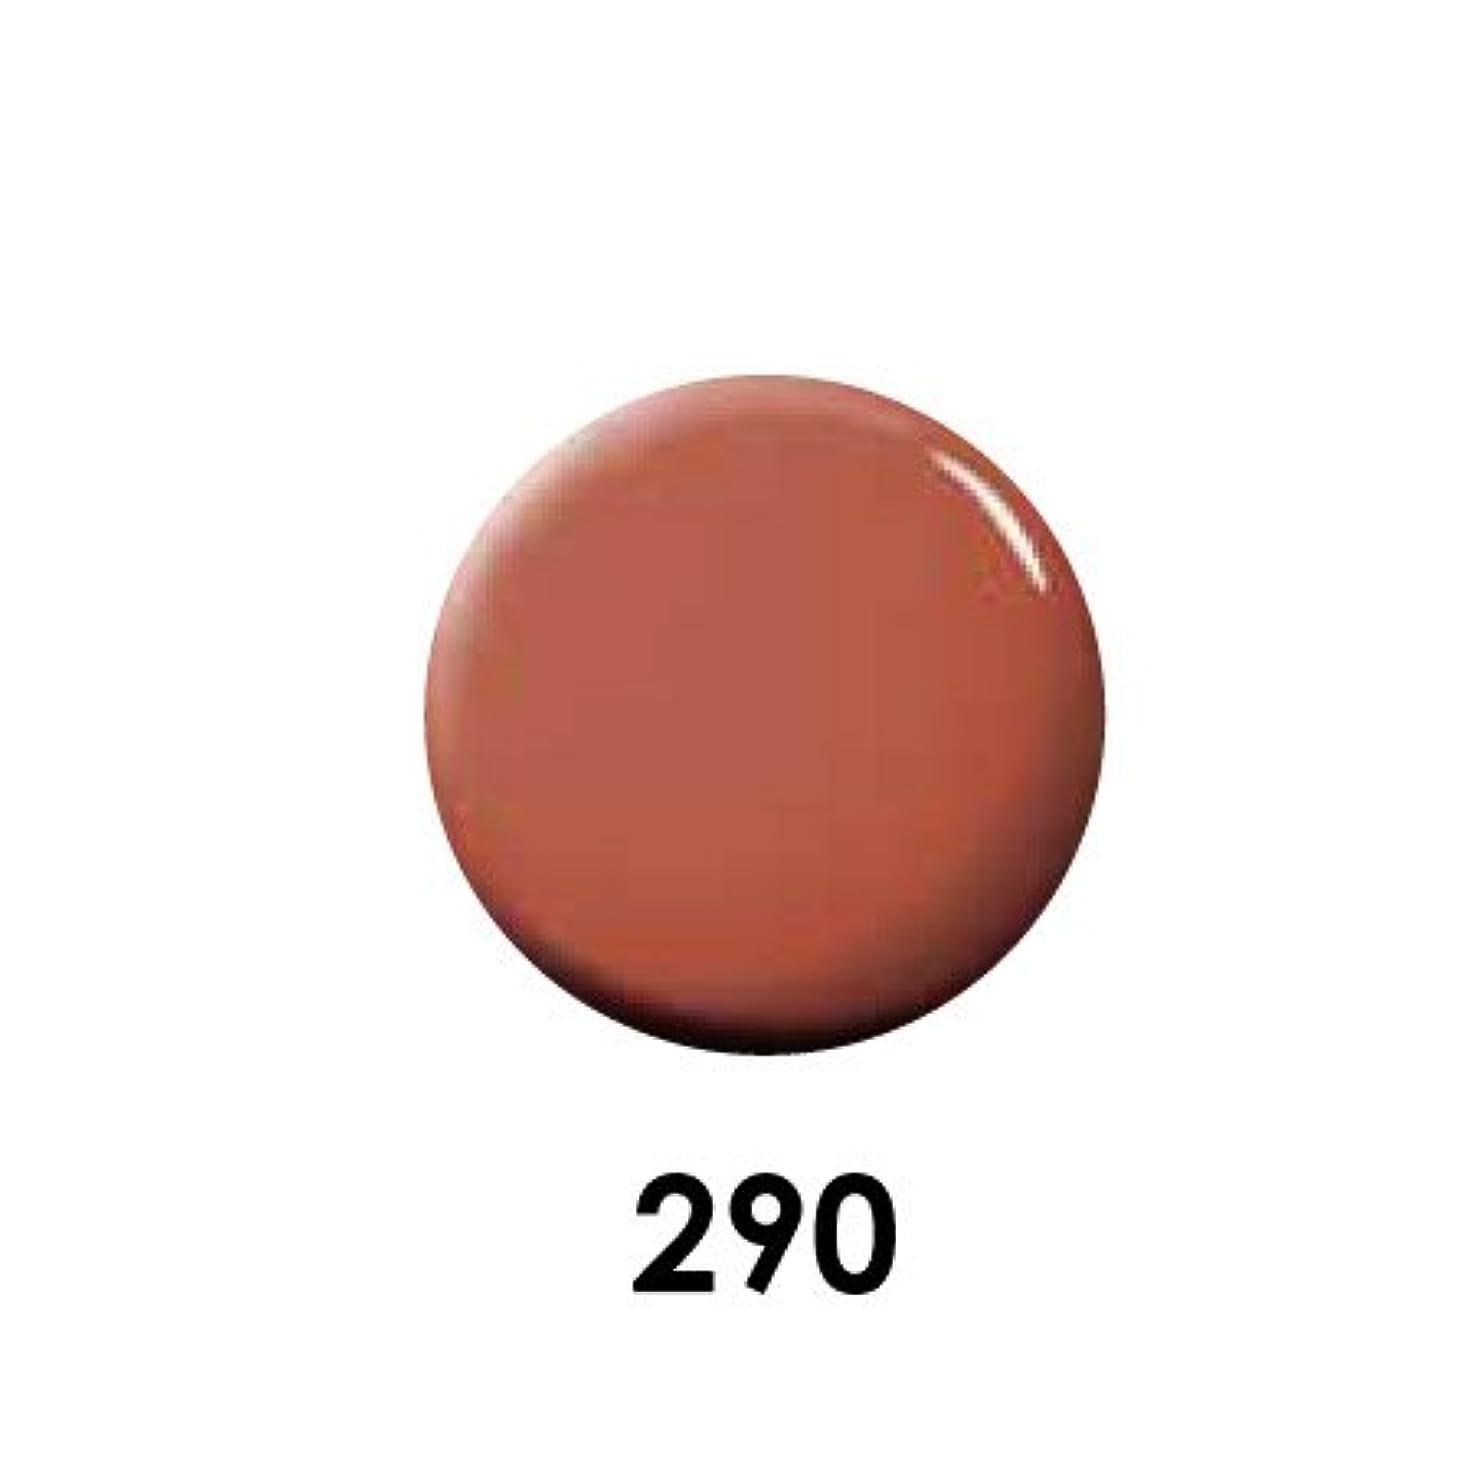 キモい印象ヒールPutiel プティール カラージェル 290 レッドソイル 4g (MARIEプロデュース)